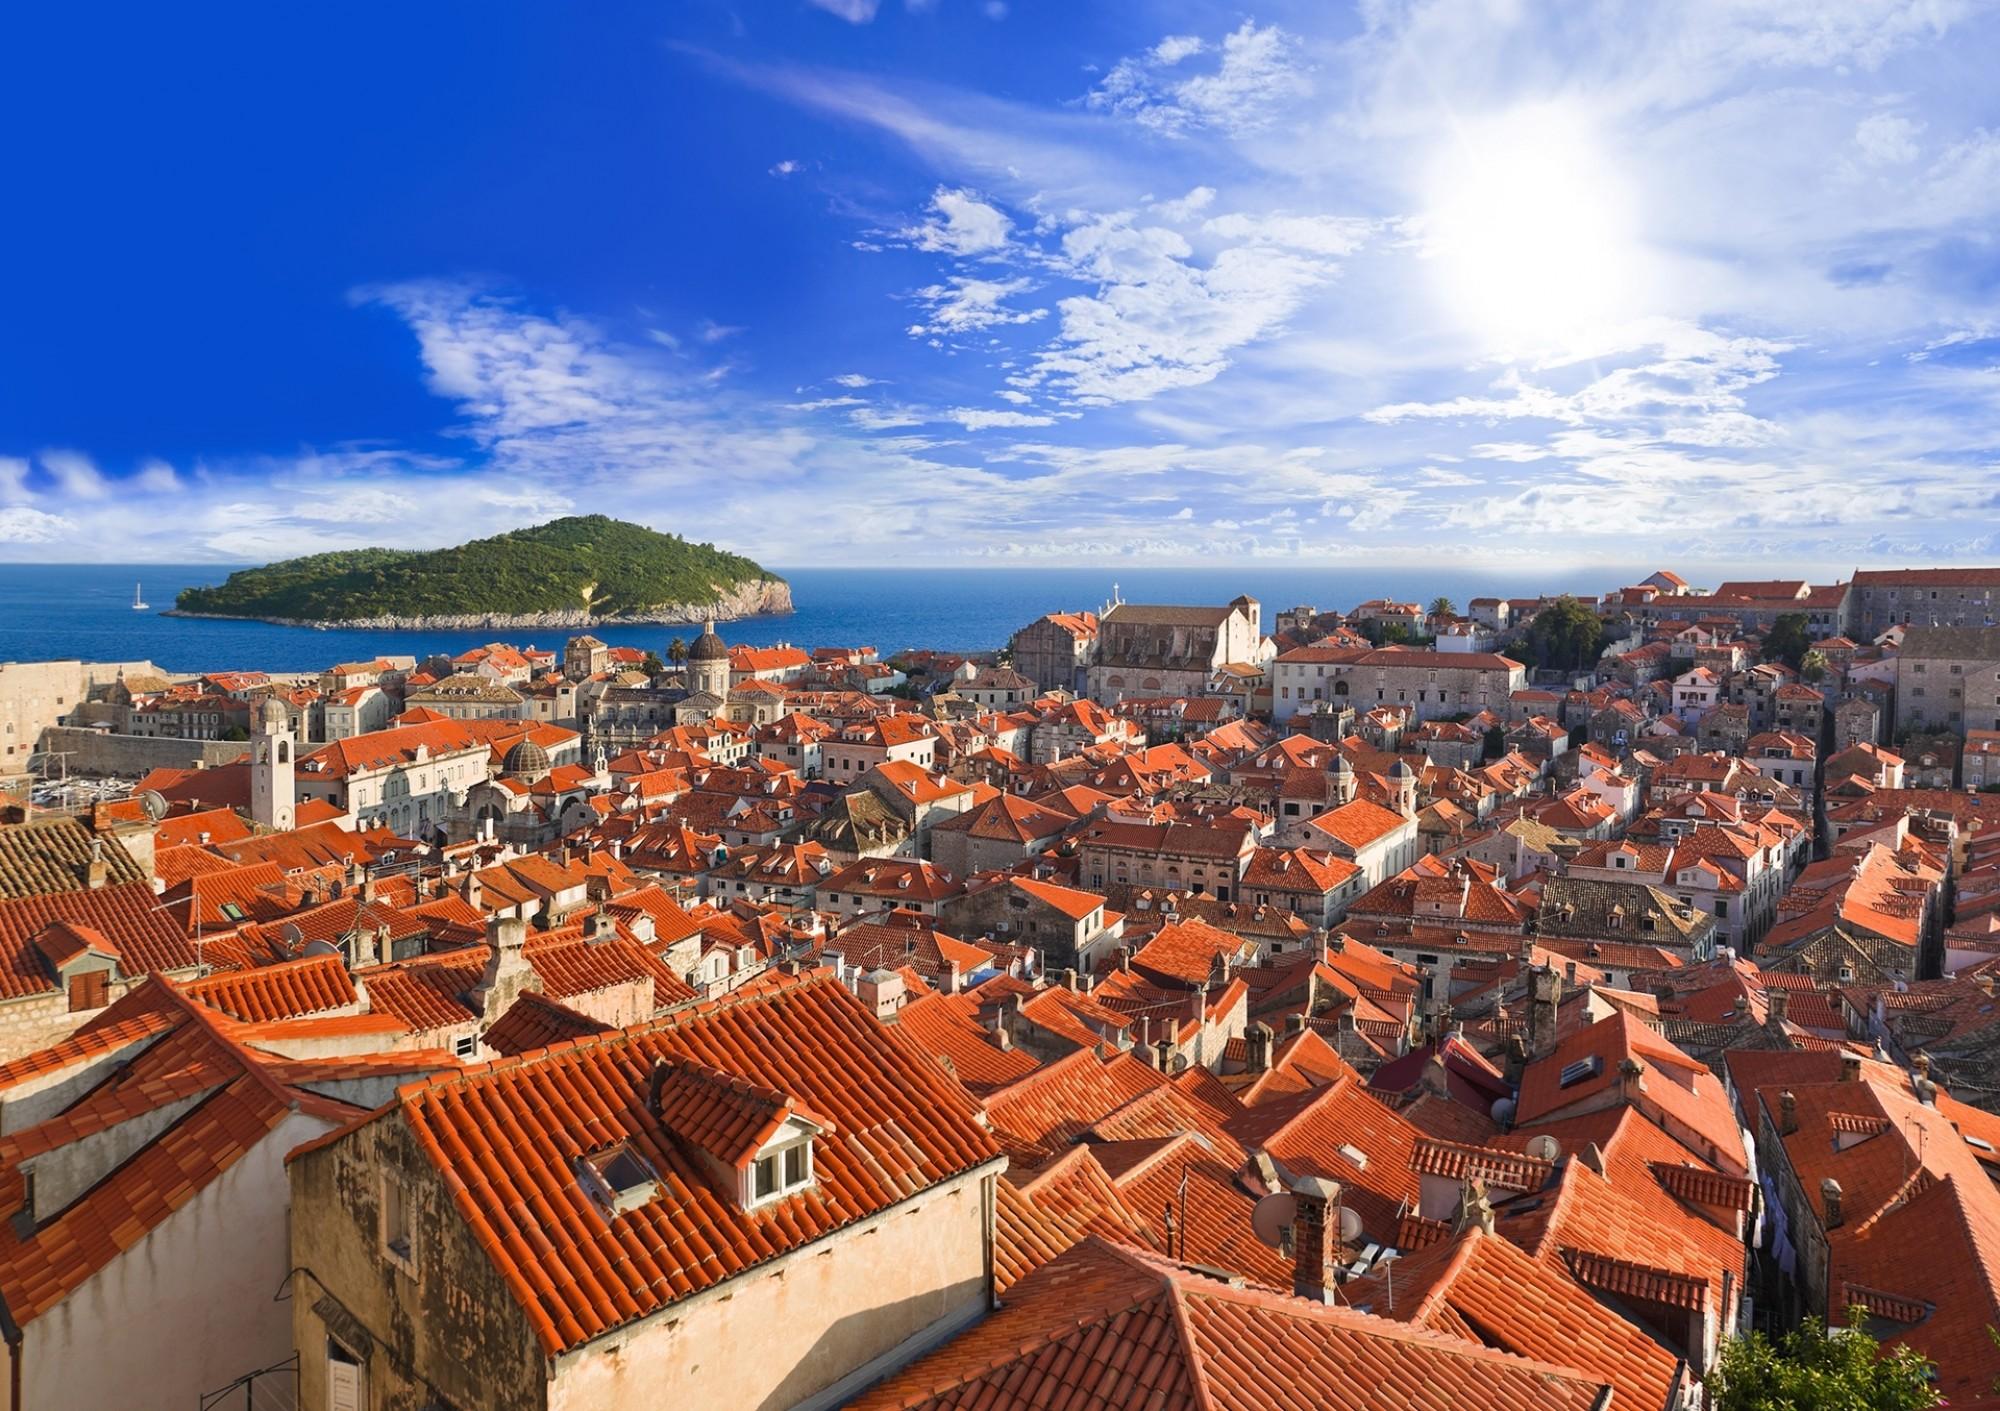 Town-Dubrovnik-in-Croatia-at-sunset